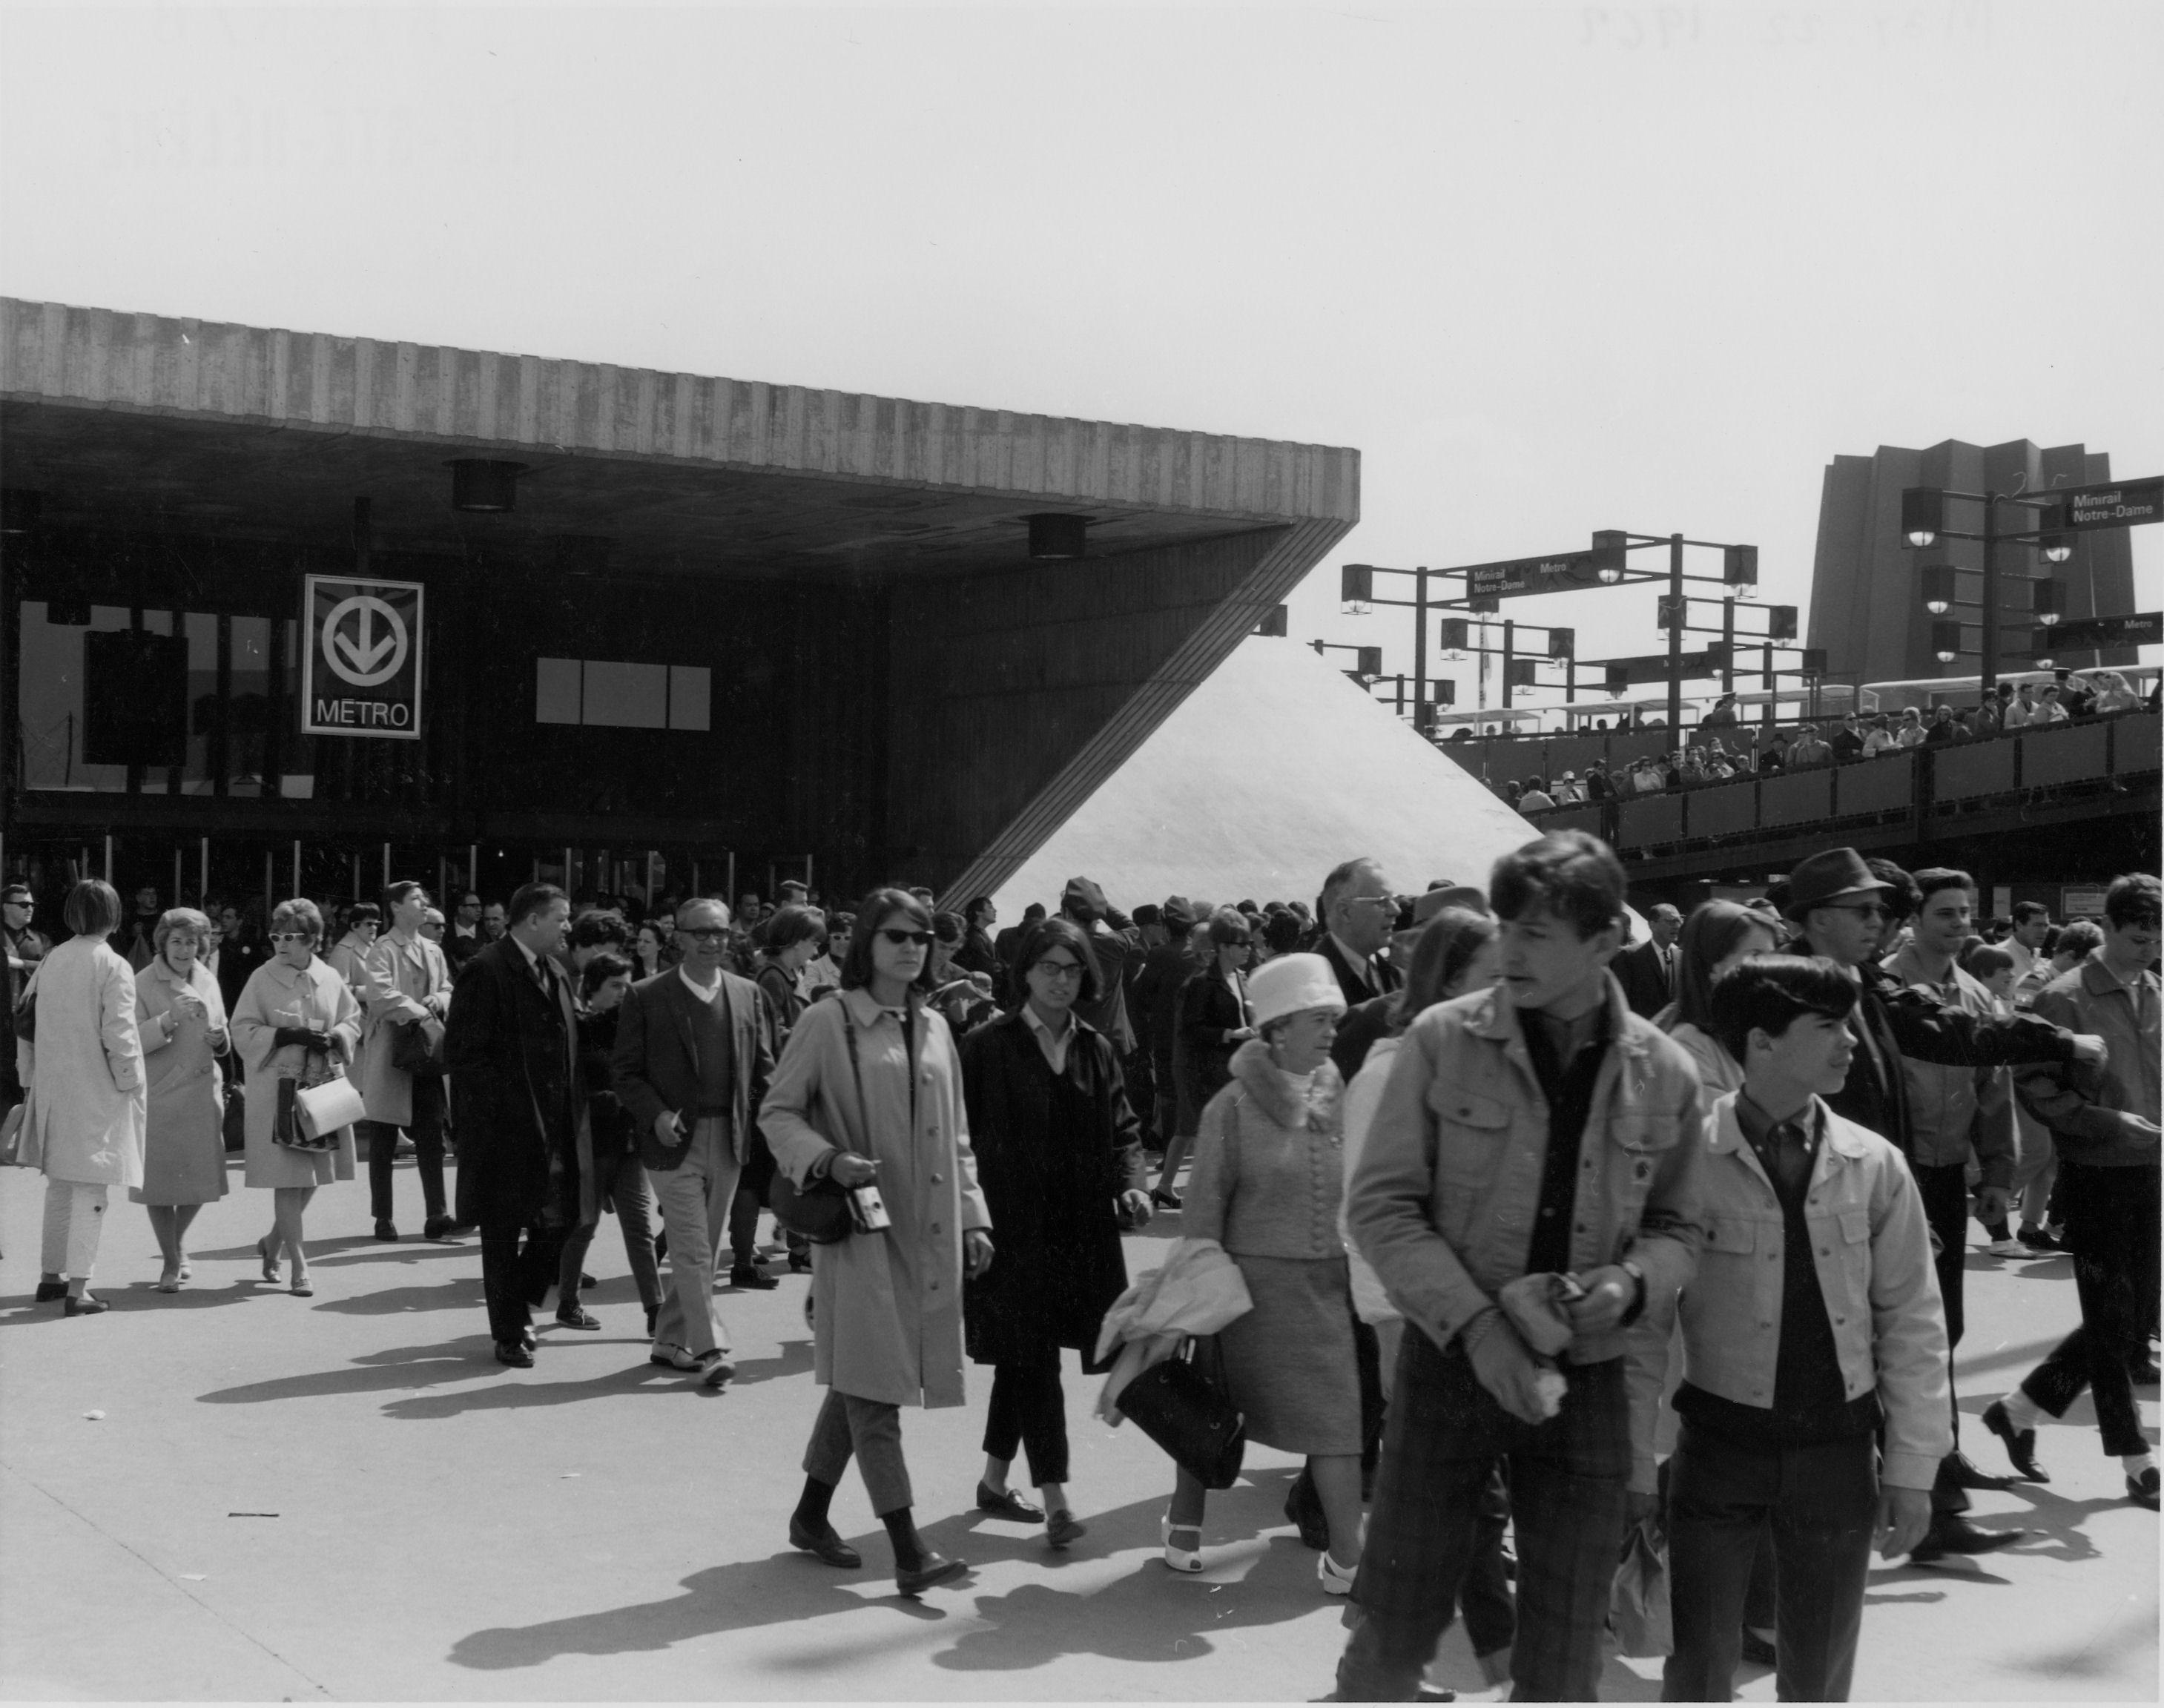 Station de métro Île Sainte-Hélène, 1967